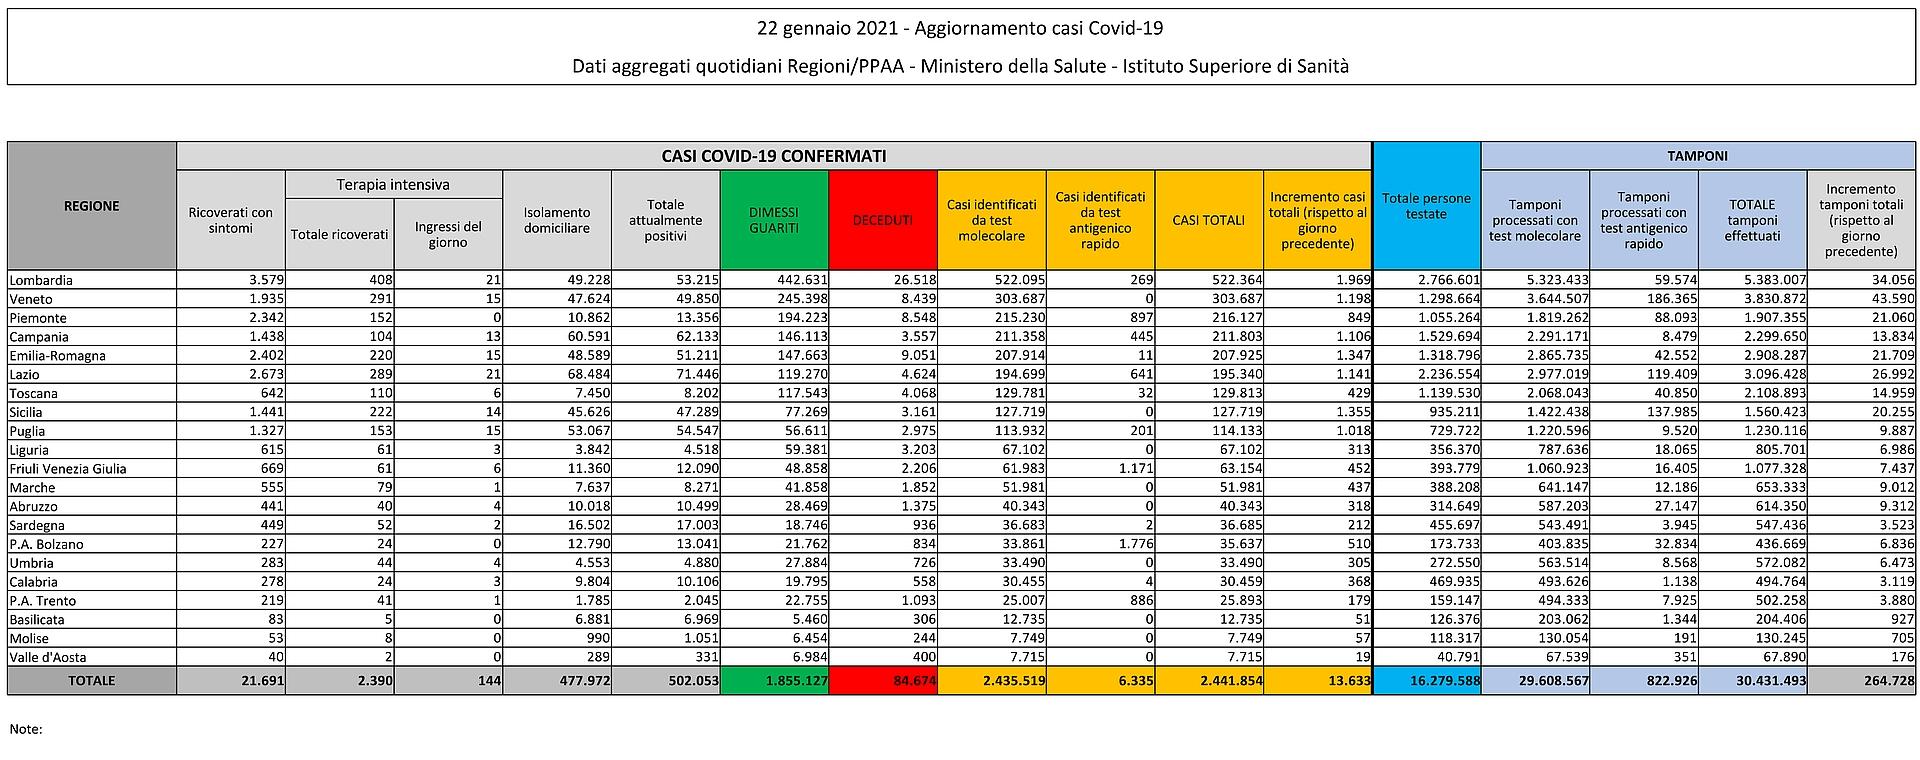 22 gennaio 2021 - Aggiornamento casi Covid-19 Dati aggregati quotidiani Regioni/PPAA - Ministero della Salute - Istituto Superiore di Sanità